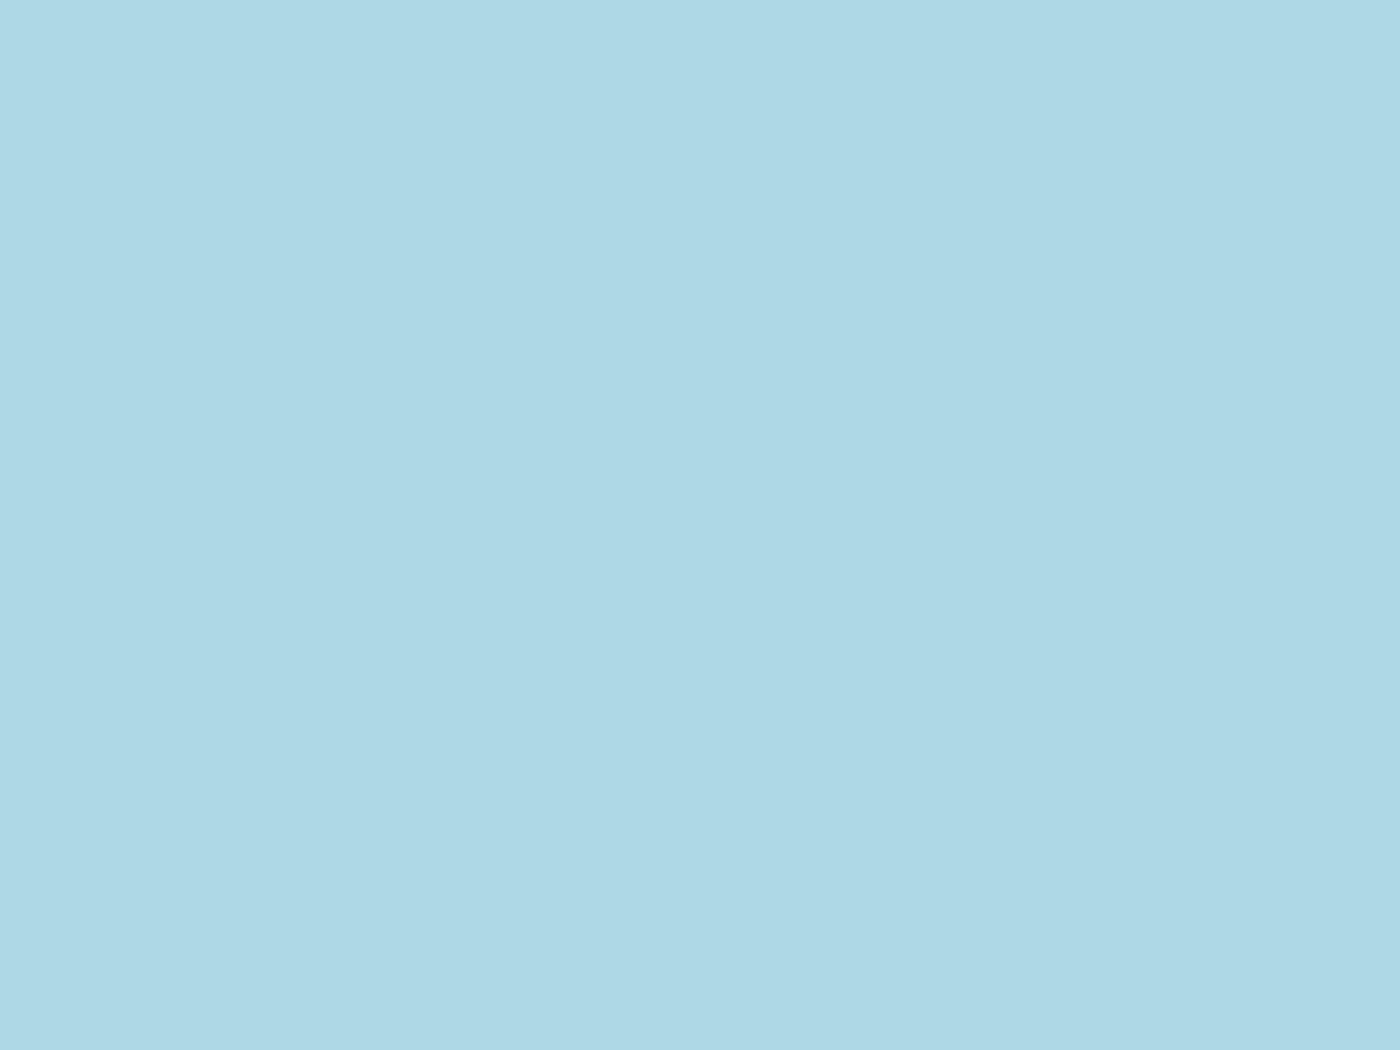 light blue color - 28 images - jakesonline blank slides ...